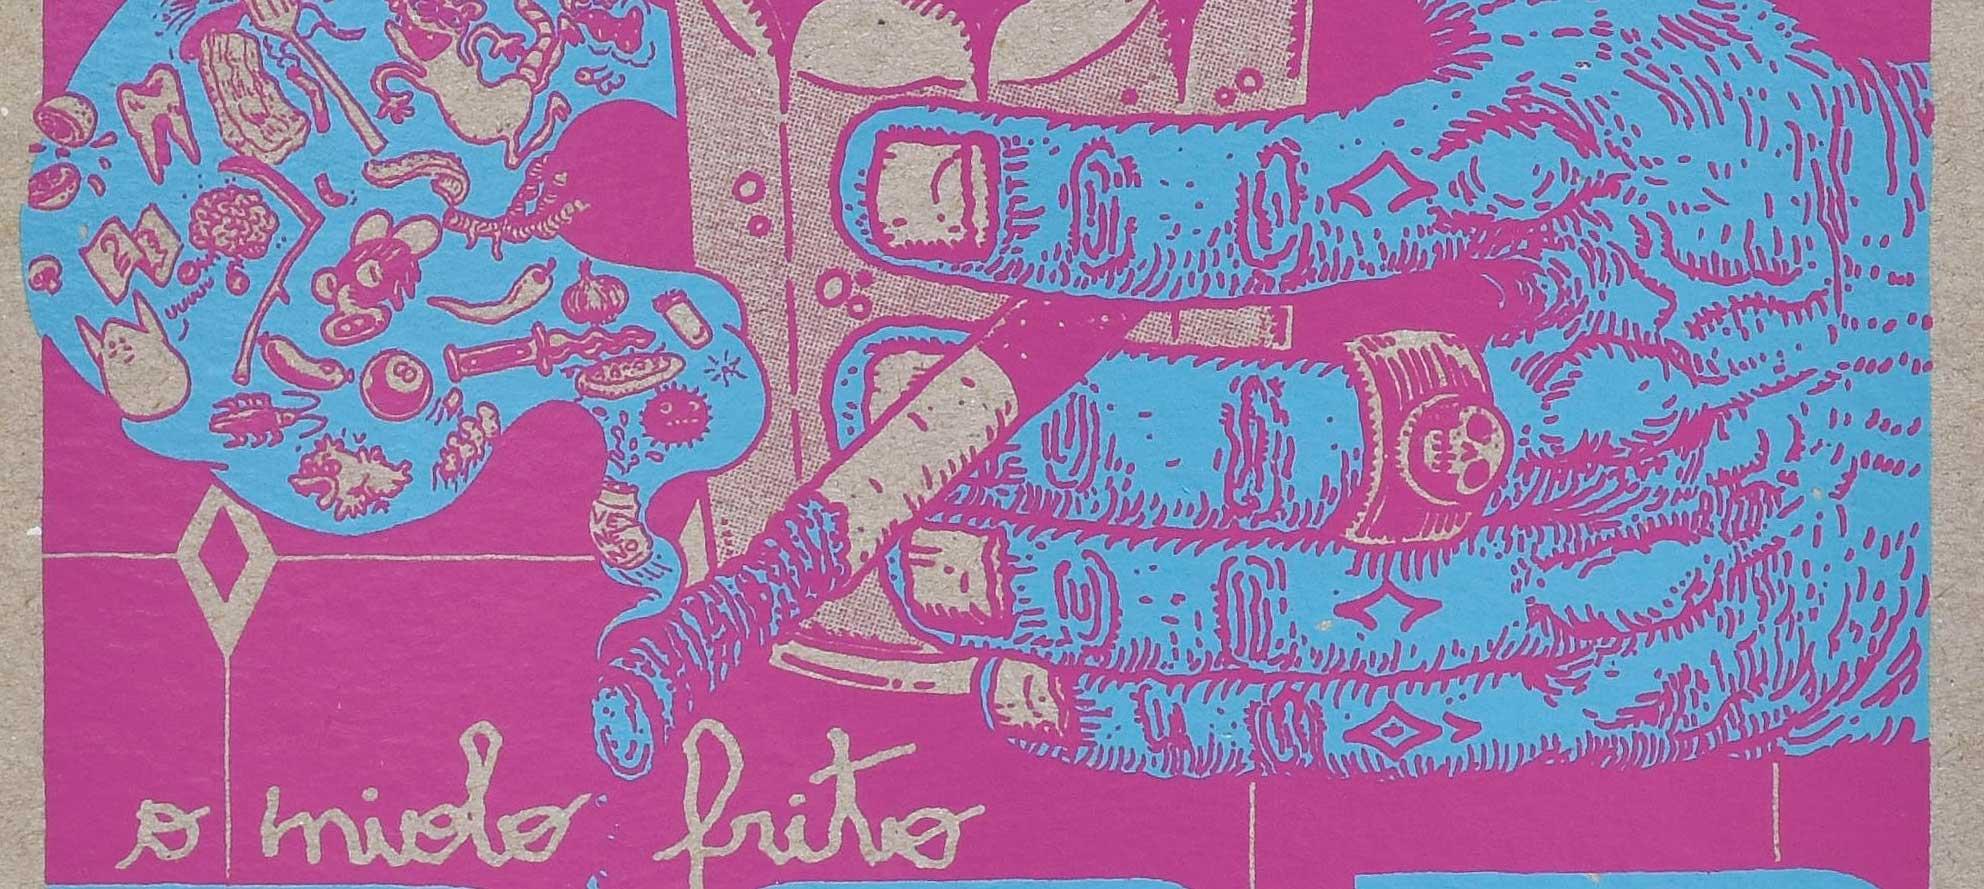 miolo-frito-bar-quadrinhos-hq-ilustracao-10